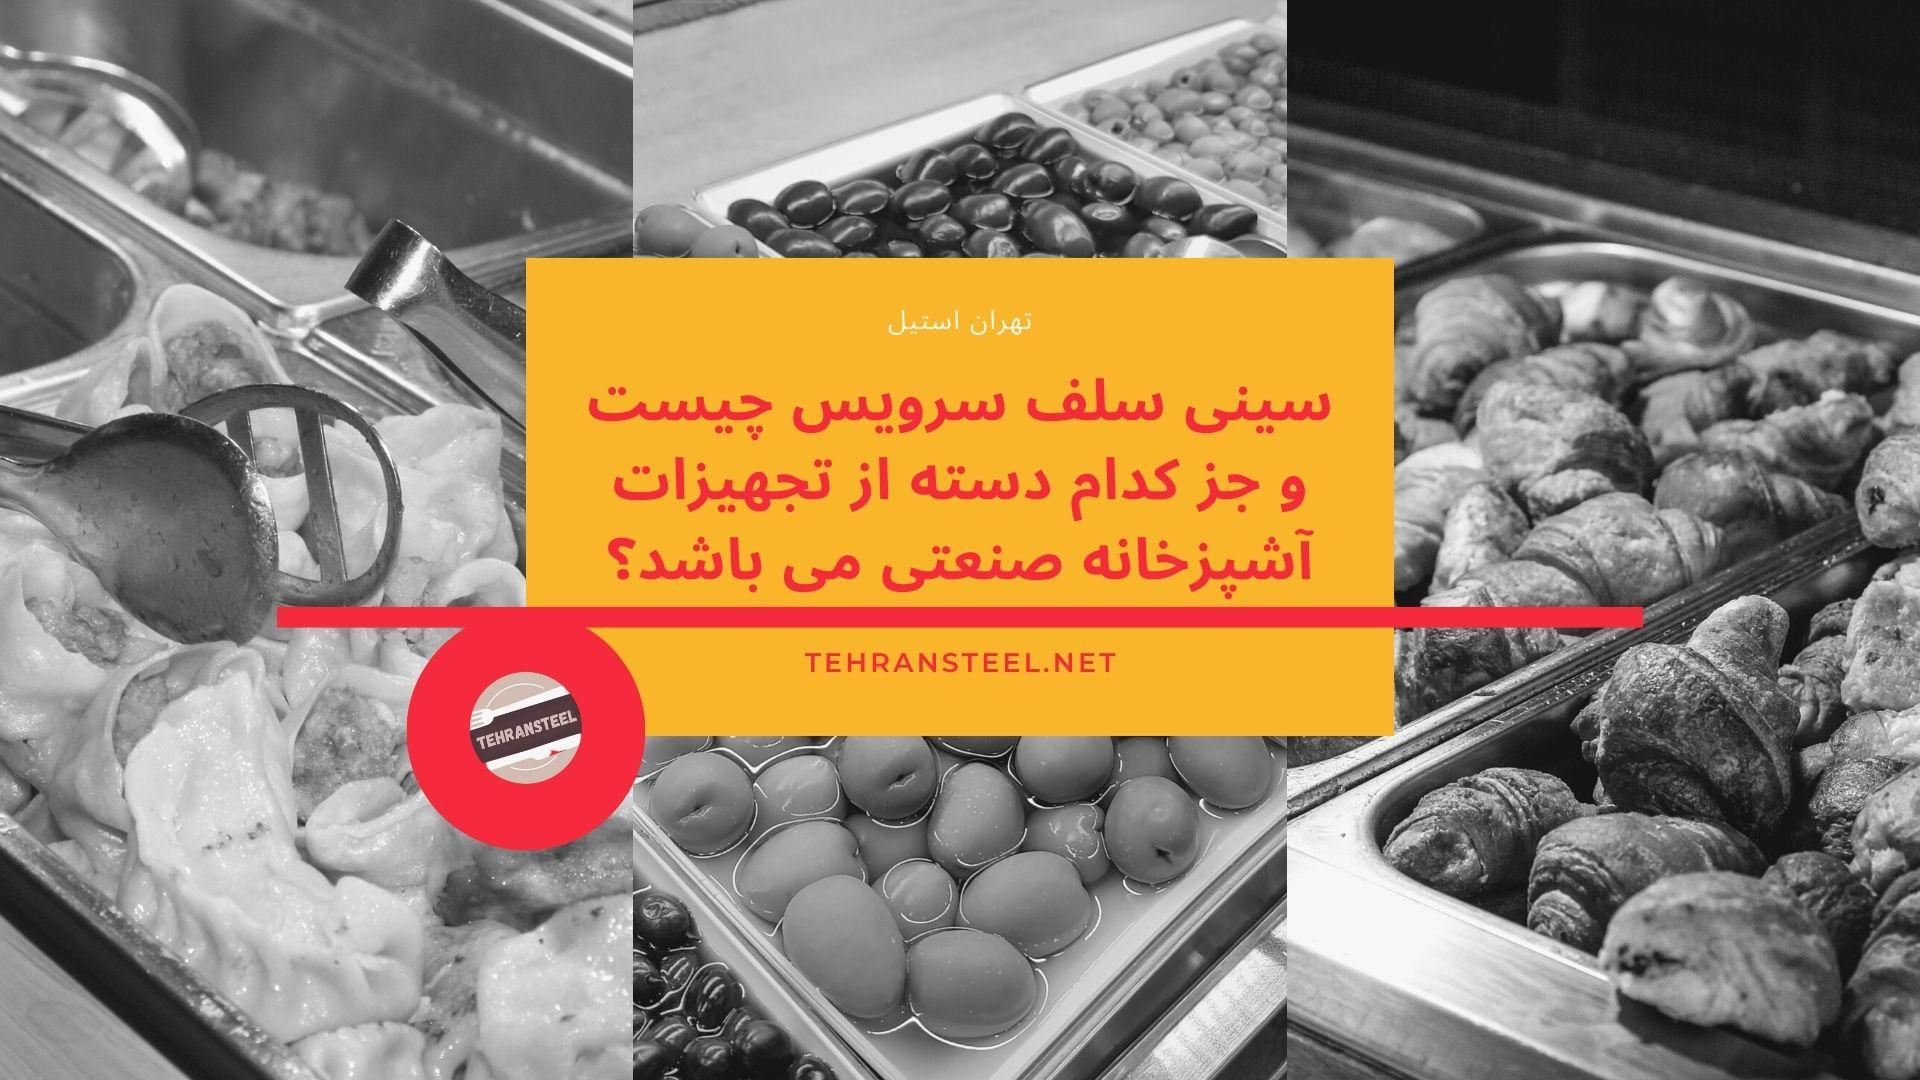 سینی سلف سرویس چیست و جز کدام دسته از تجهیزات آشپزخانه صنعتی می باشد؟